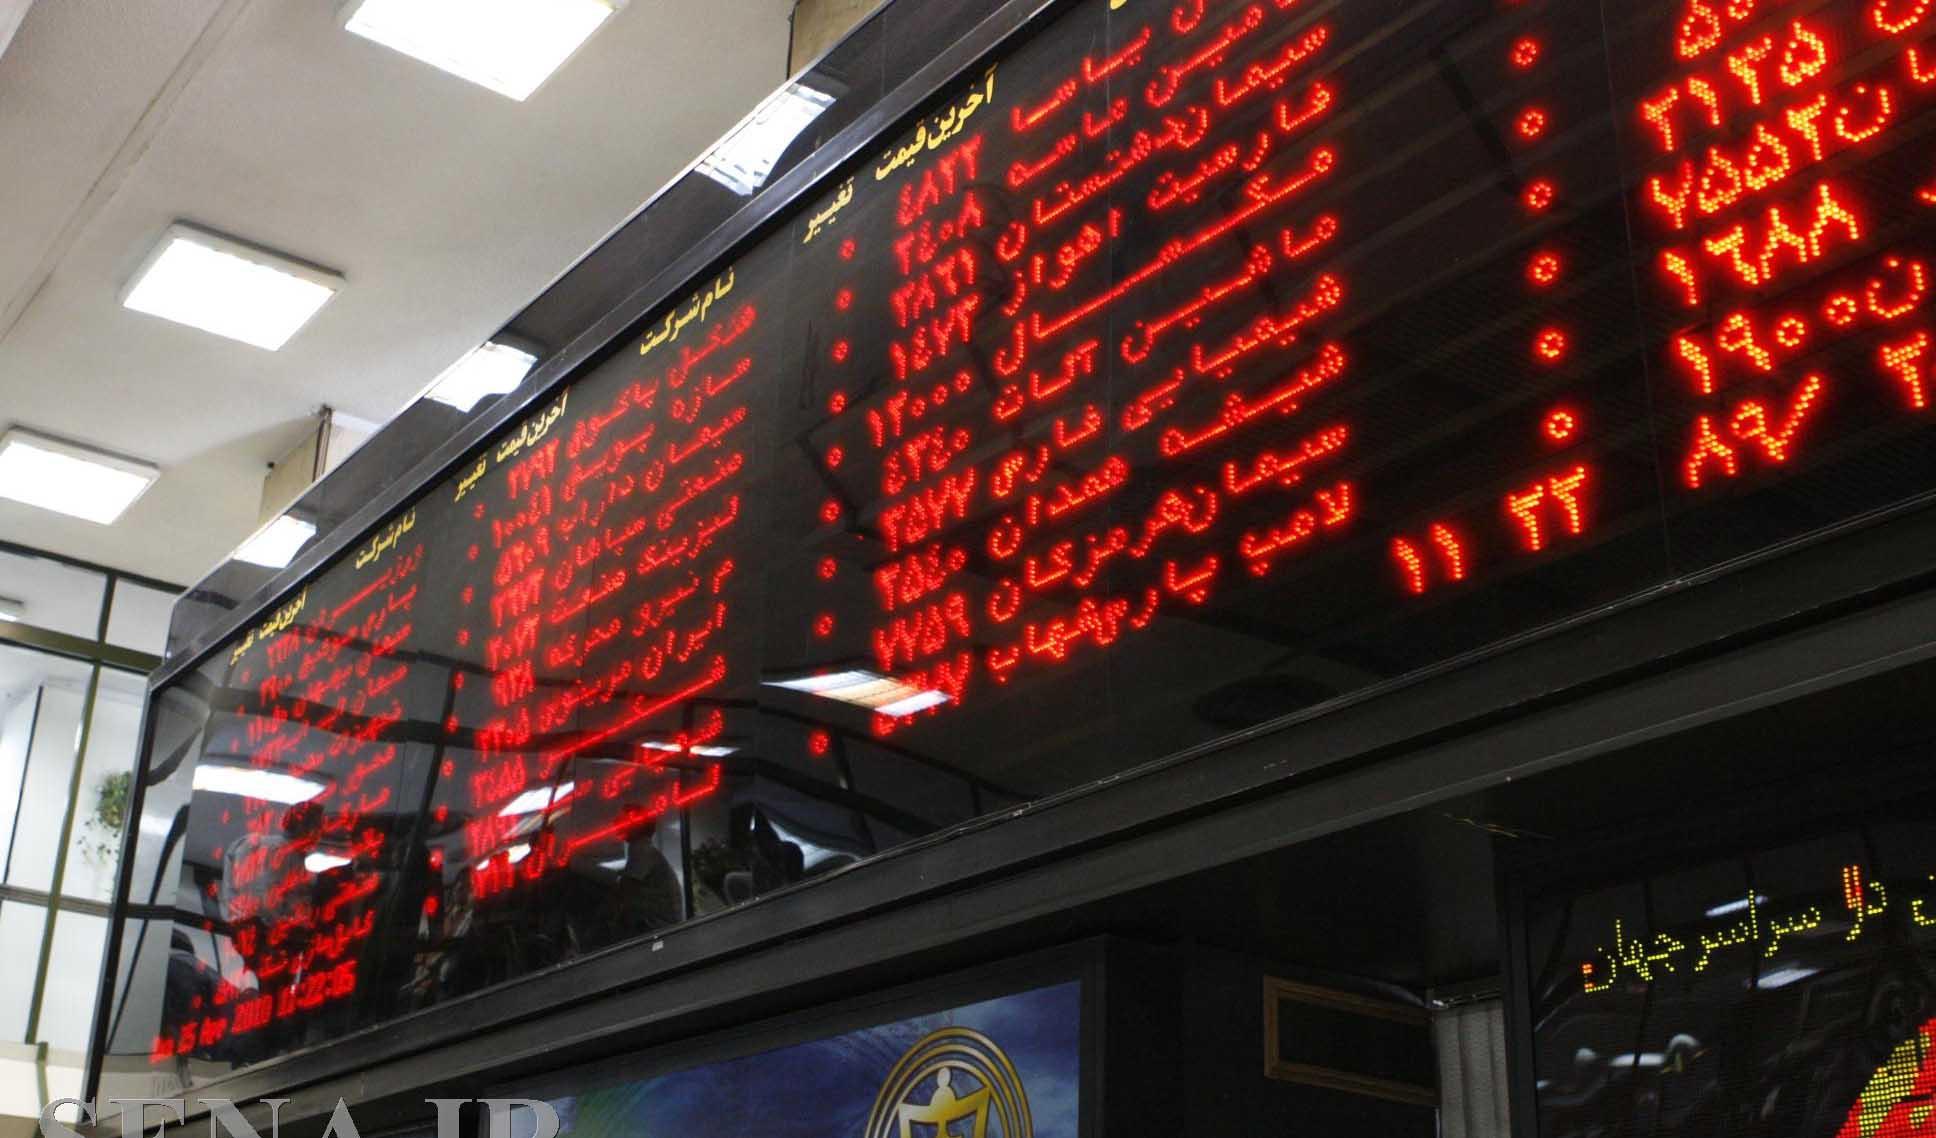 صعود ۱۹هزار واحدی بورس/ شاخص در آستانه ۱.۴ میلیونی شدن